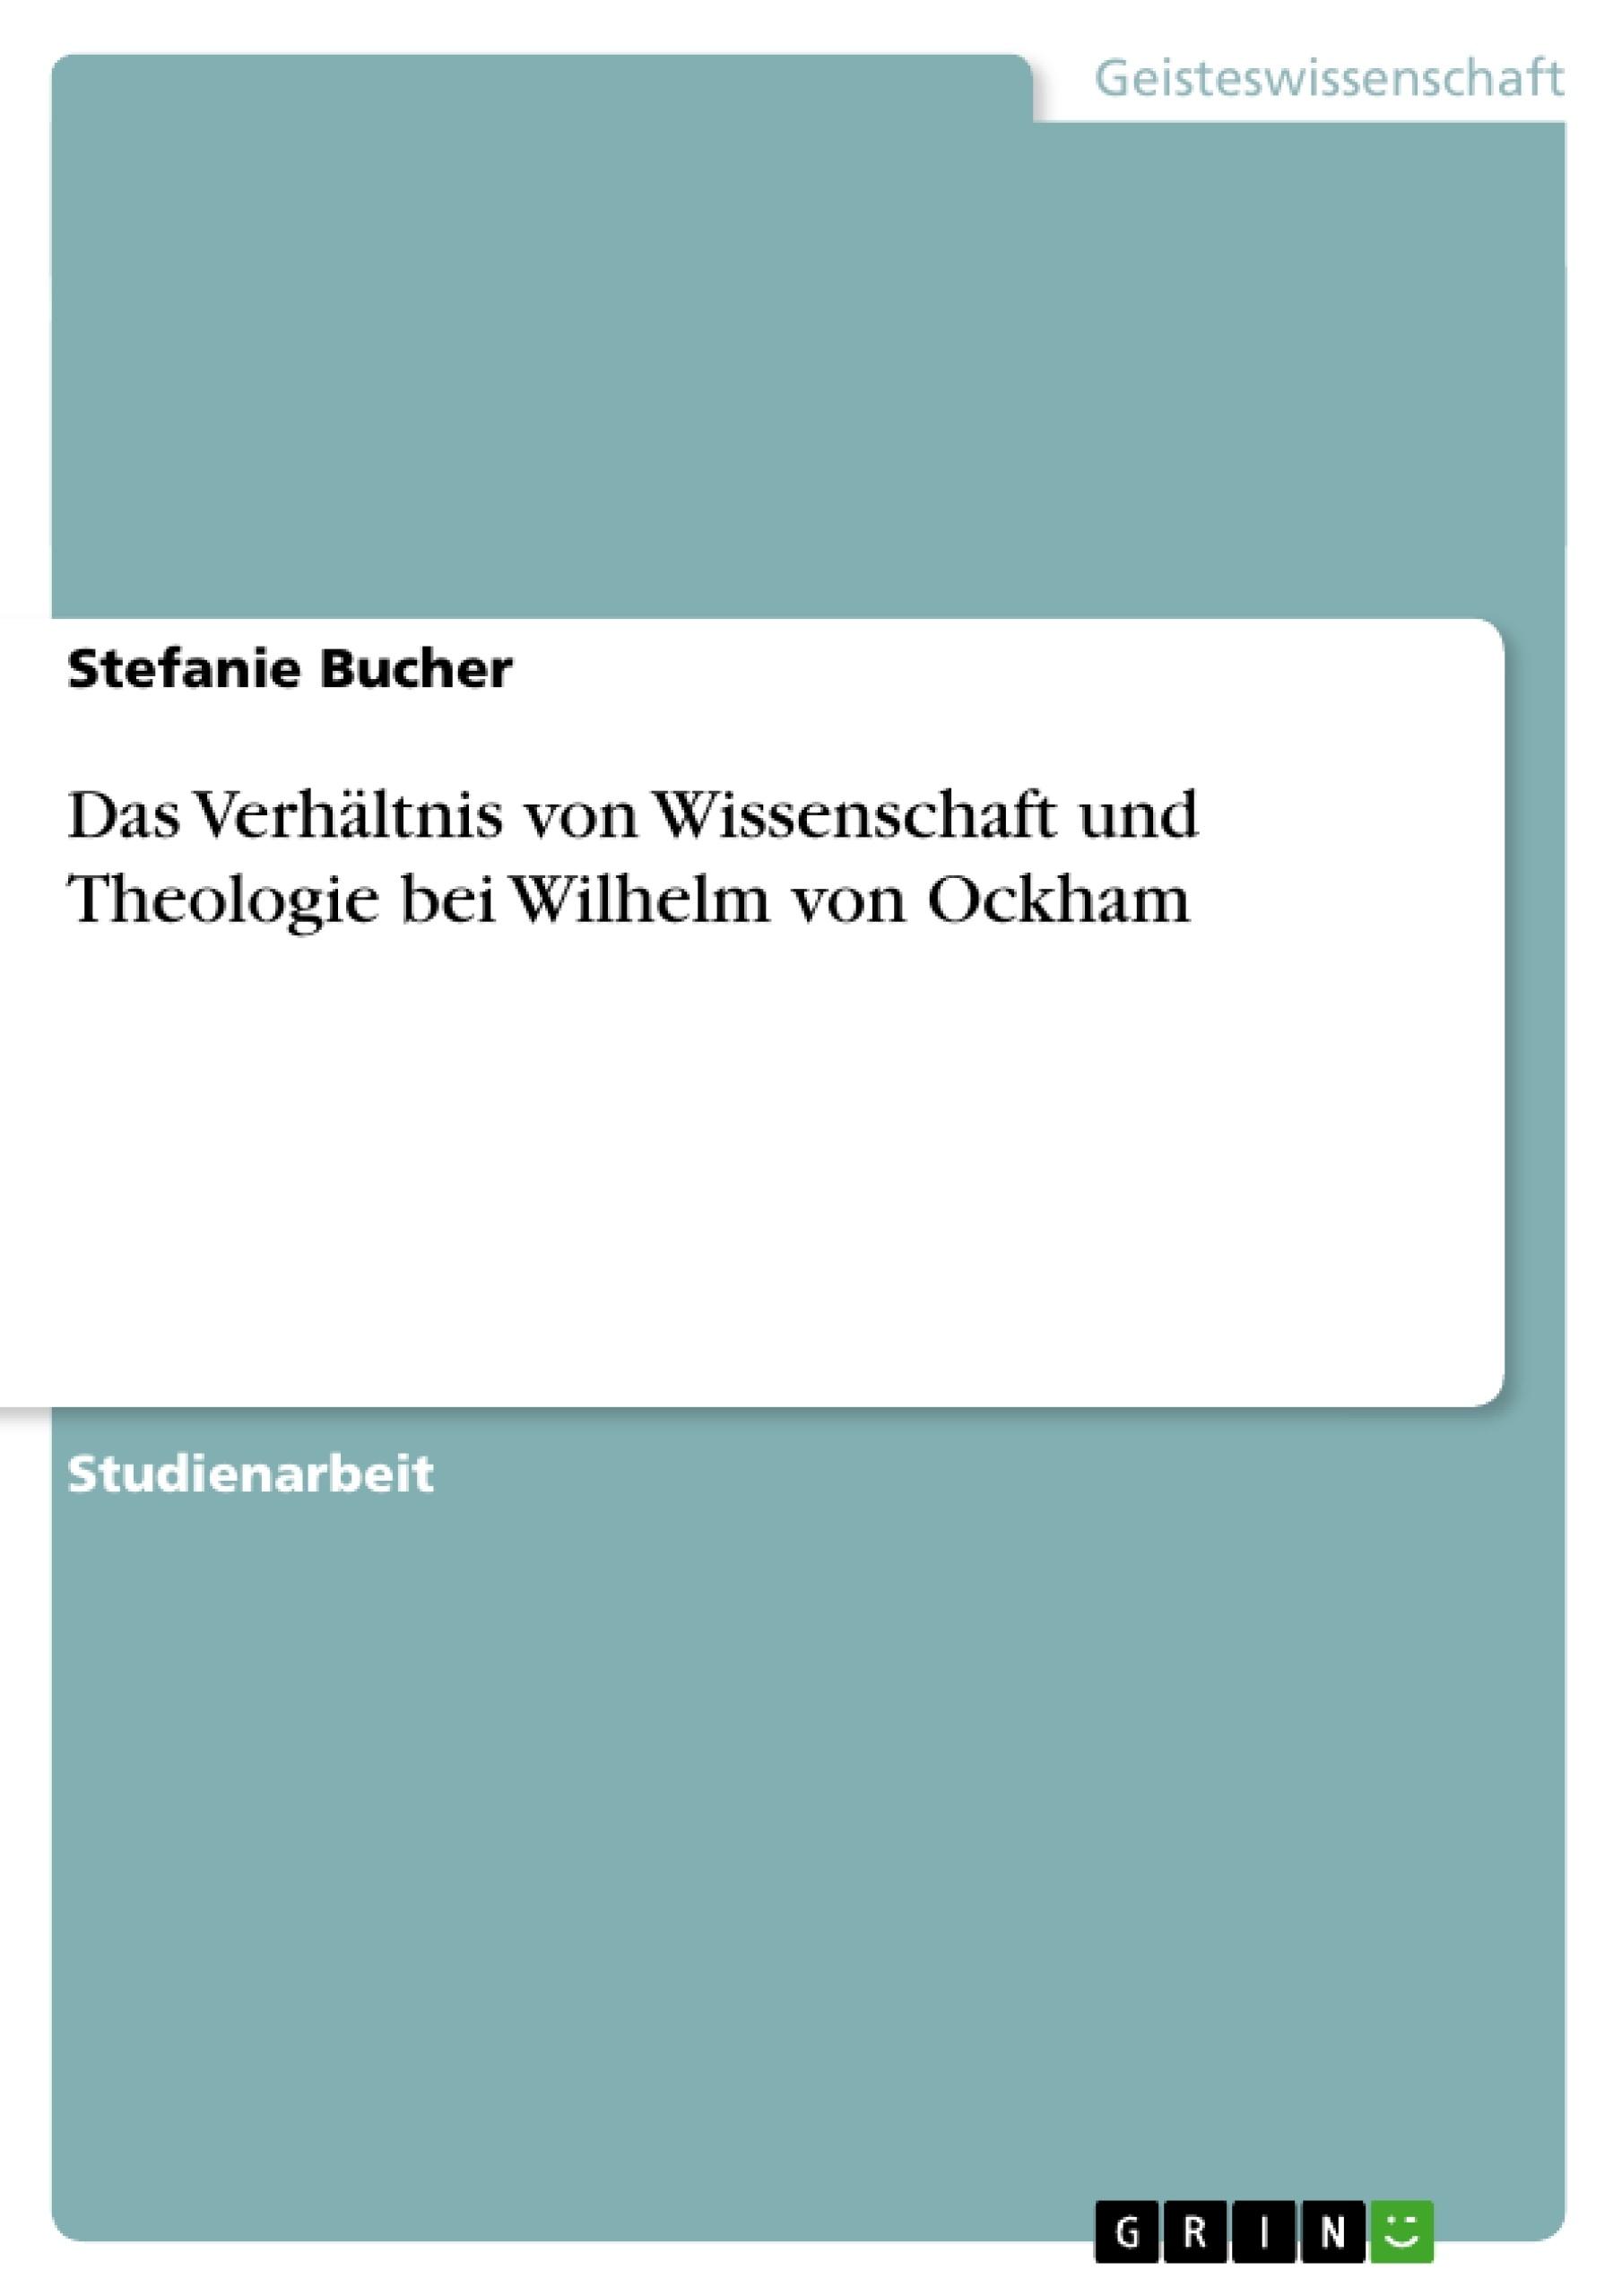 Titel: Das Verhältnis von Wissenschaft und Theologie bei Wilhelm von Ockham